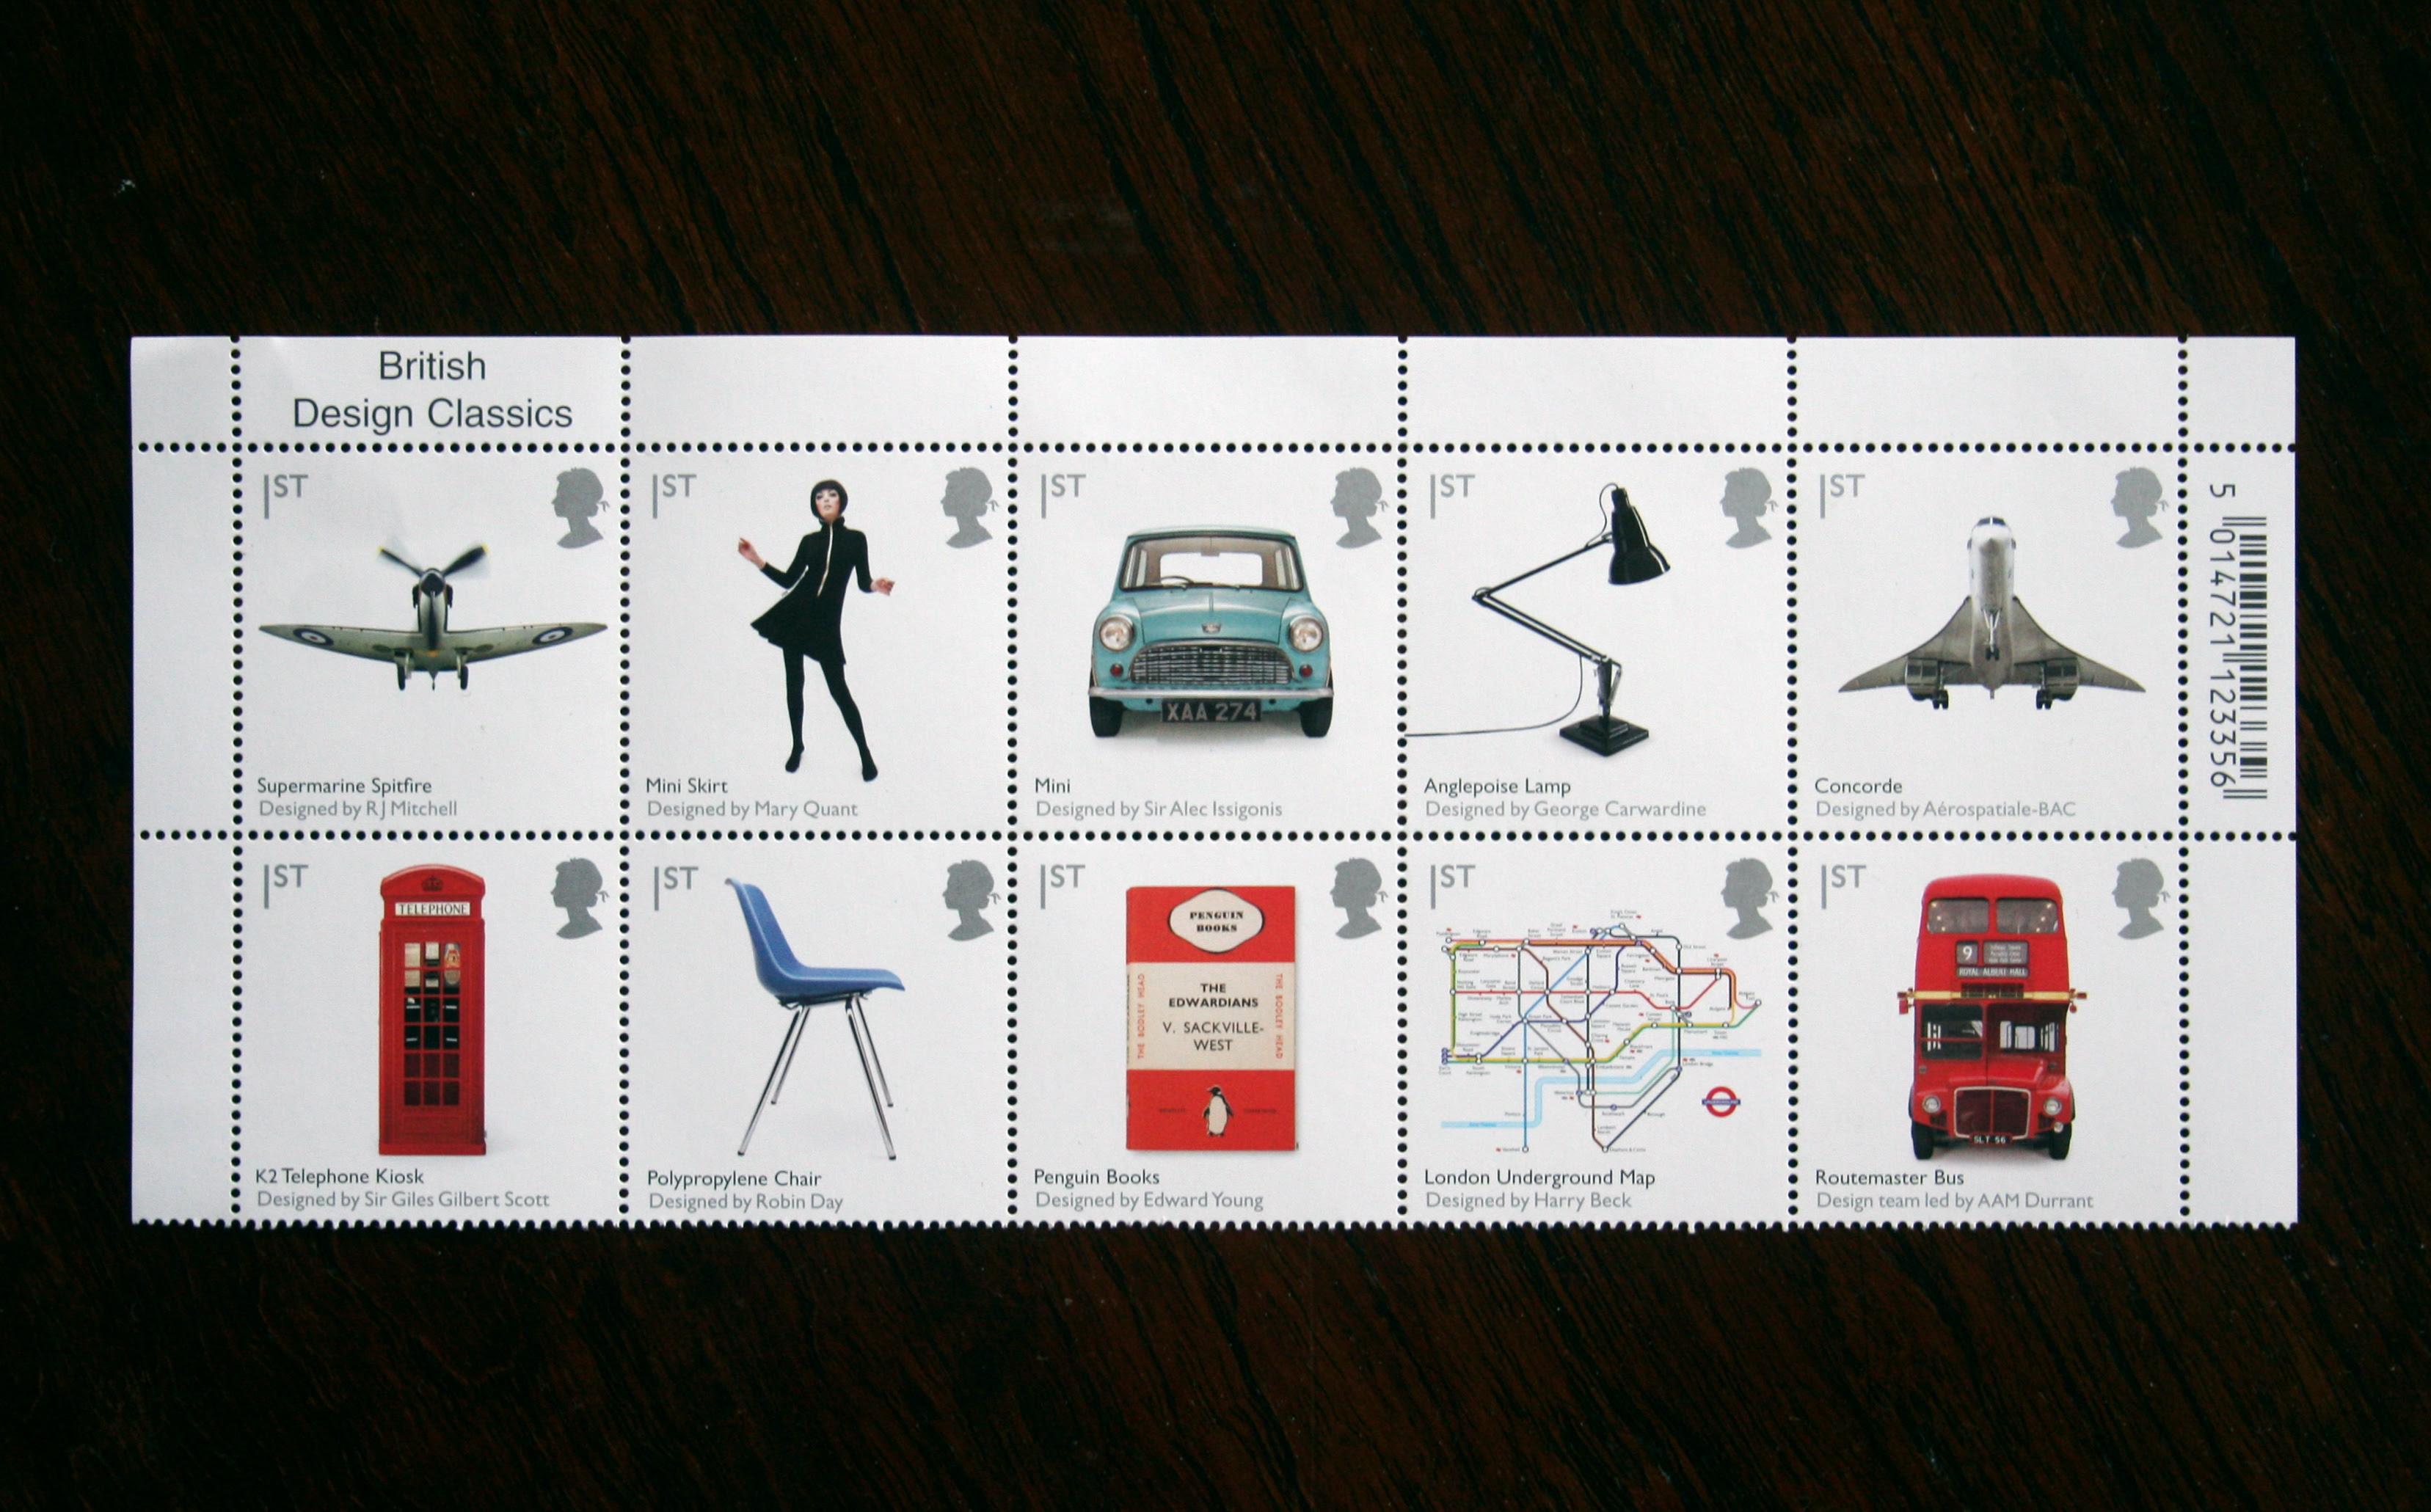 'British Design Classics' Stamps